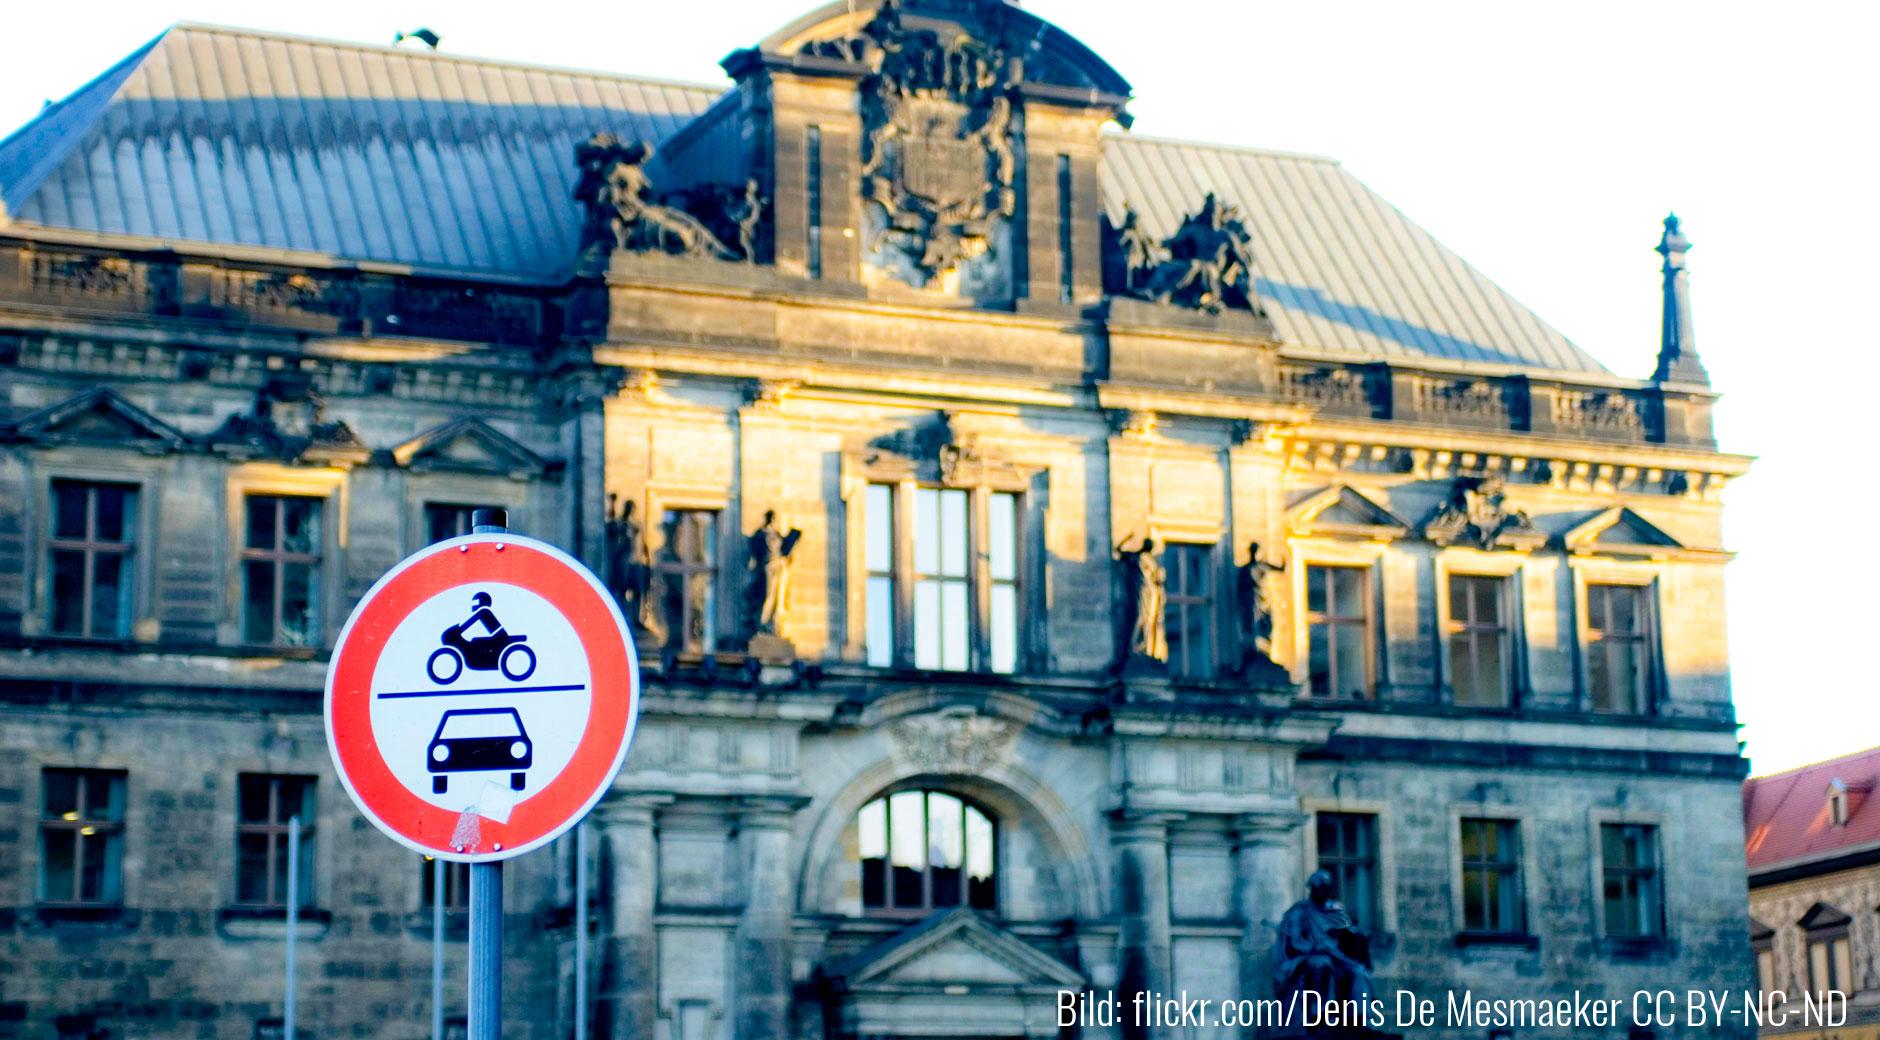 Ein Verbotsschild für Autos und Motorräder in Dresden. Bild: flick.com/Denis De Mesmaeker CC BY-NC-ND)